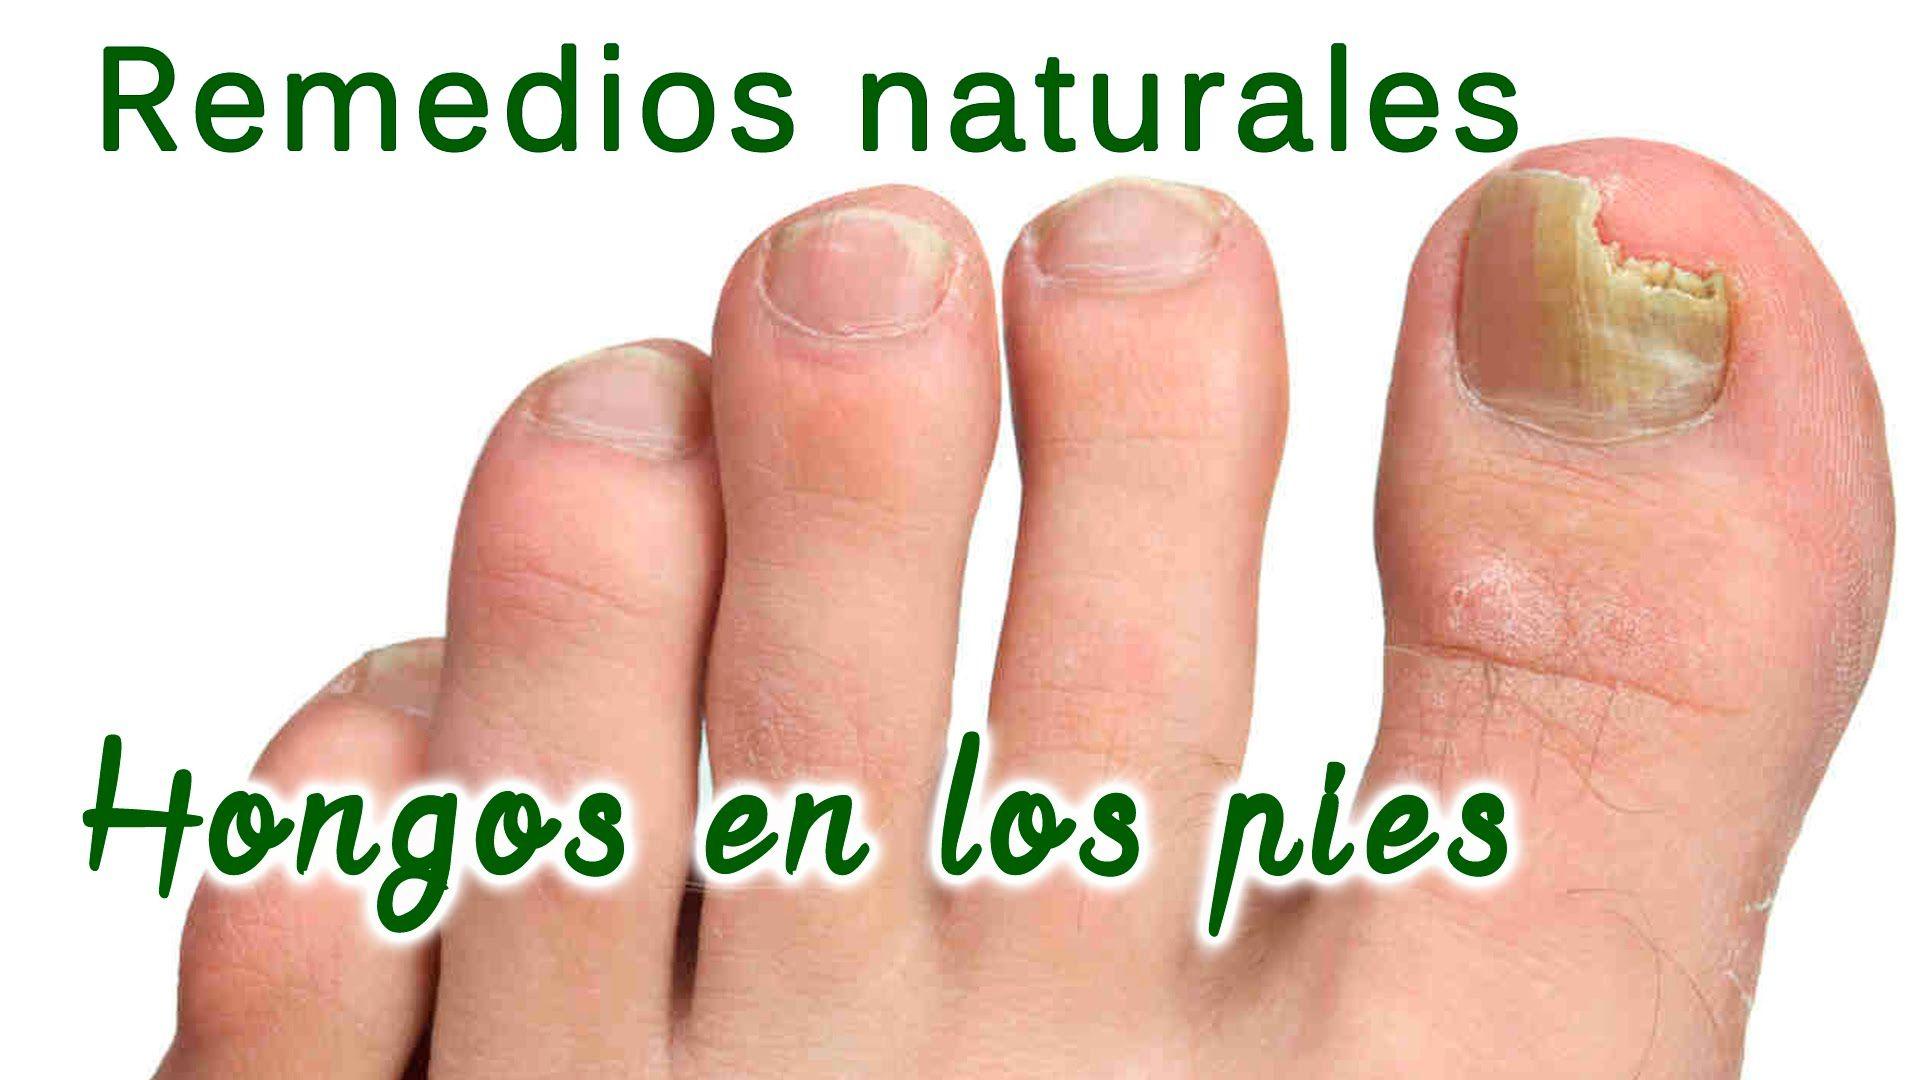 Hongos en los pies y manos, remedios naturales para curarlos - vma ...